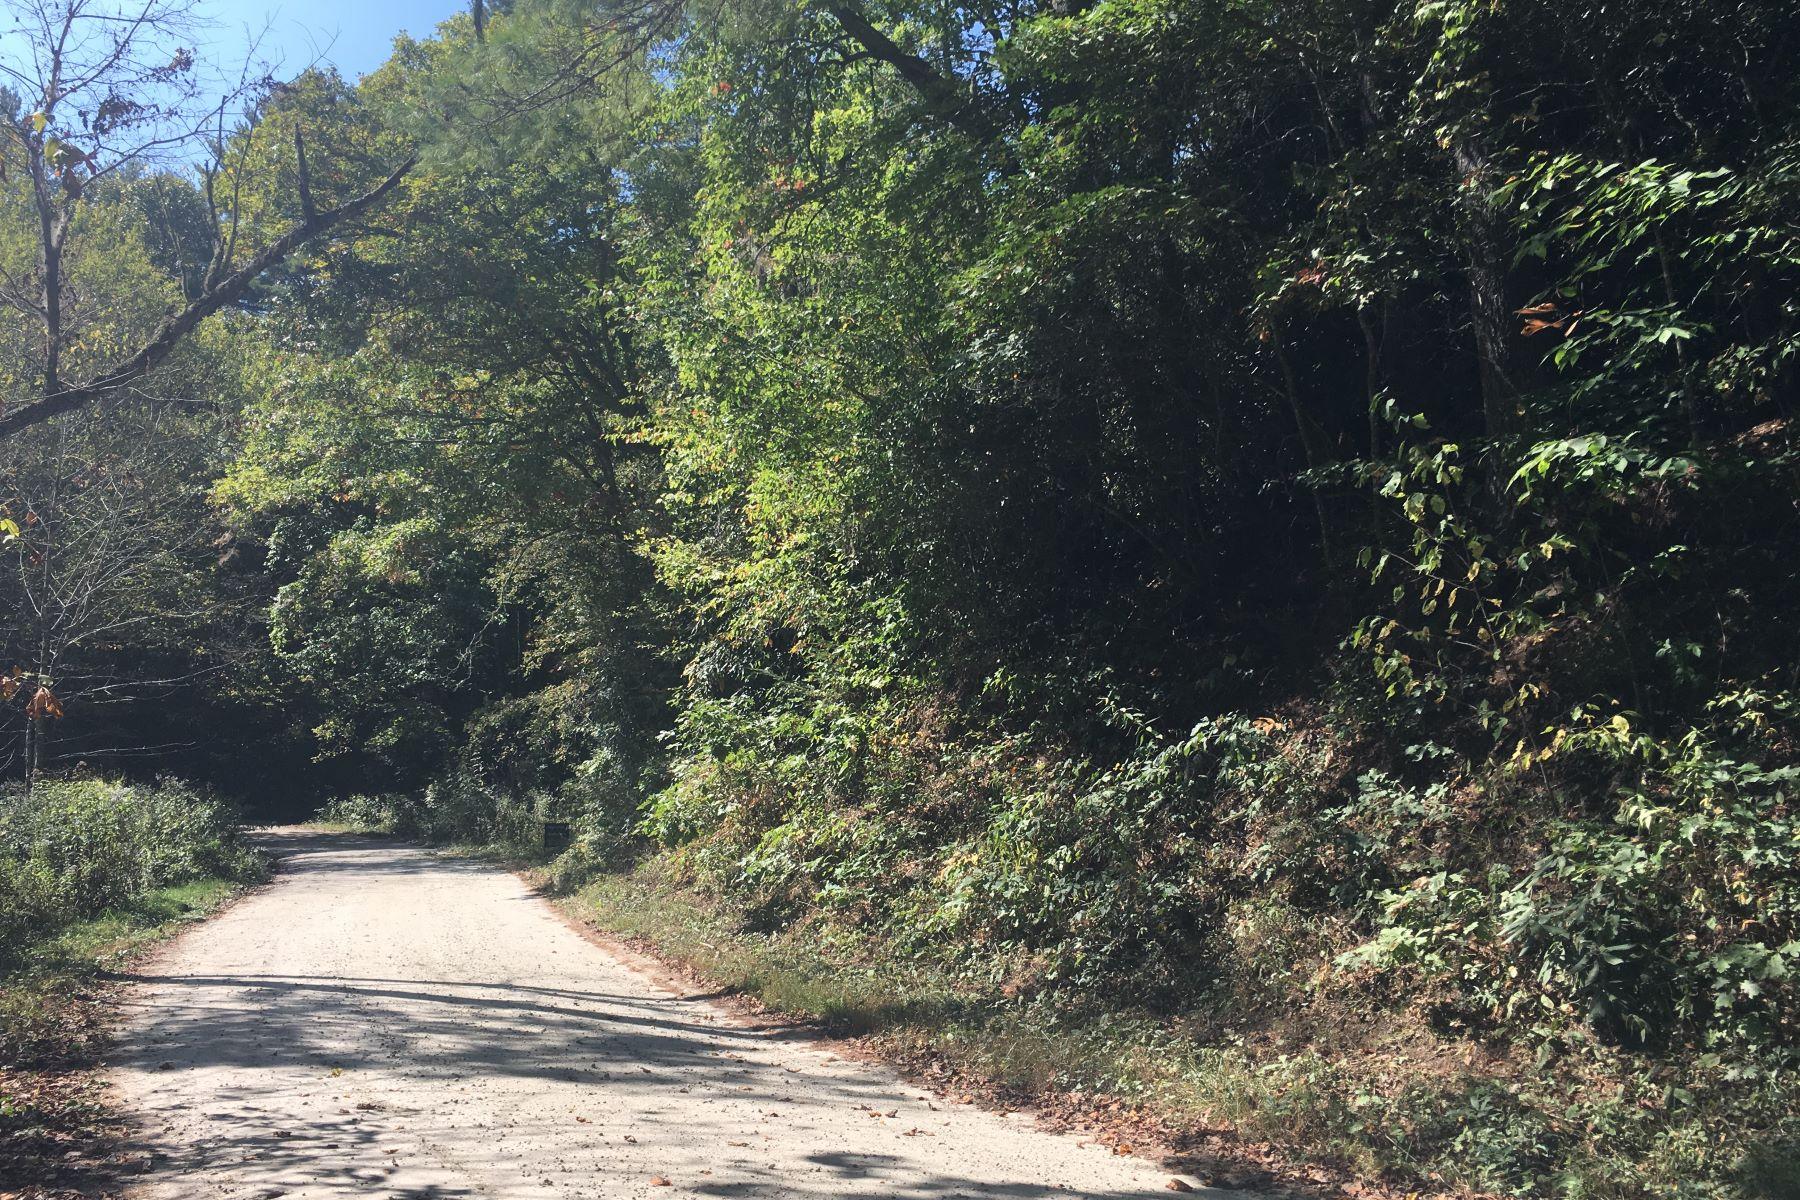 Land for Sale at Turtle Pond Lot Lot E Turtle Pond Road Highlands, North Carolina 28741 United States